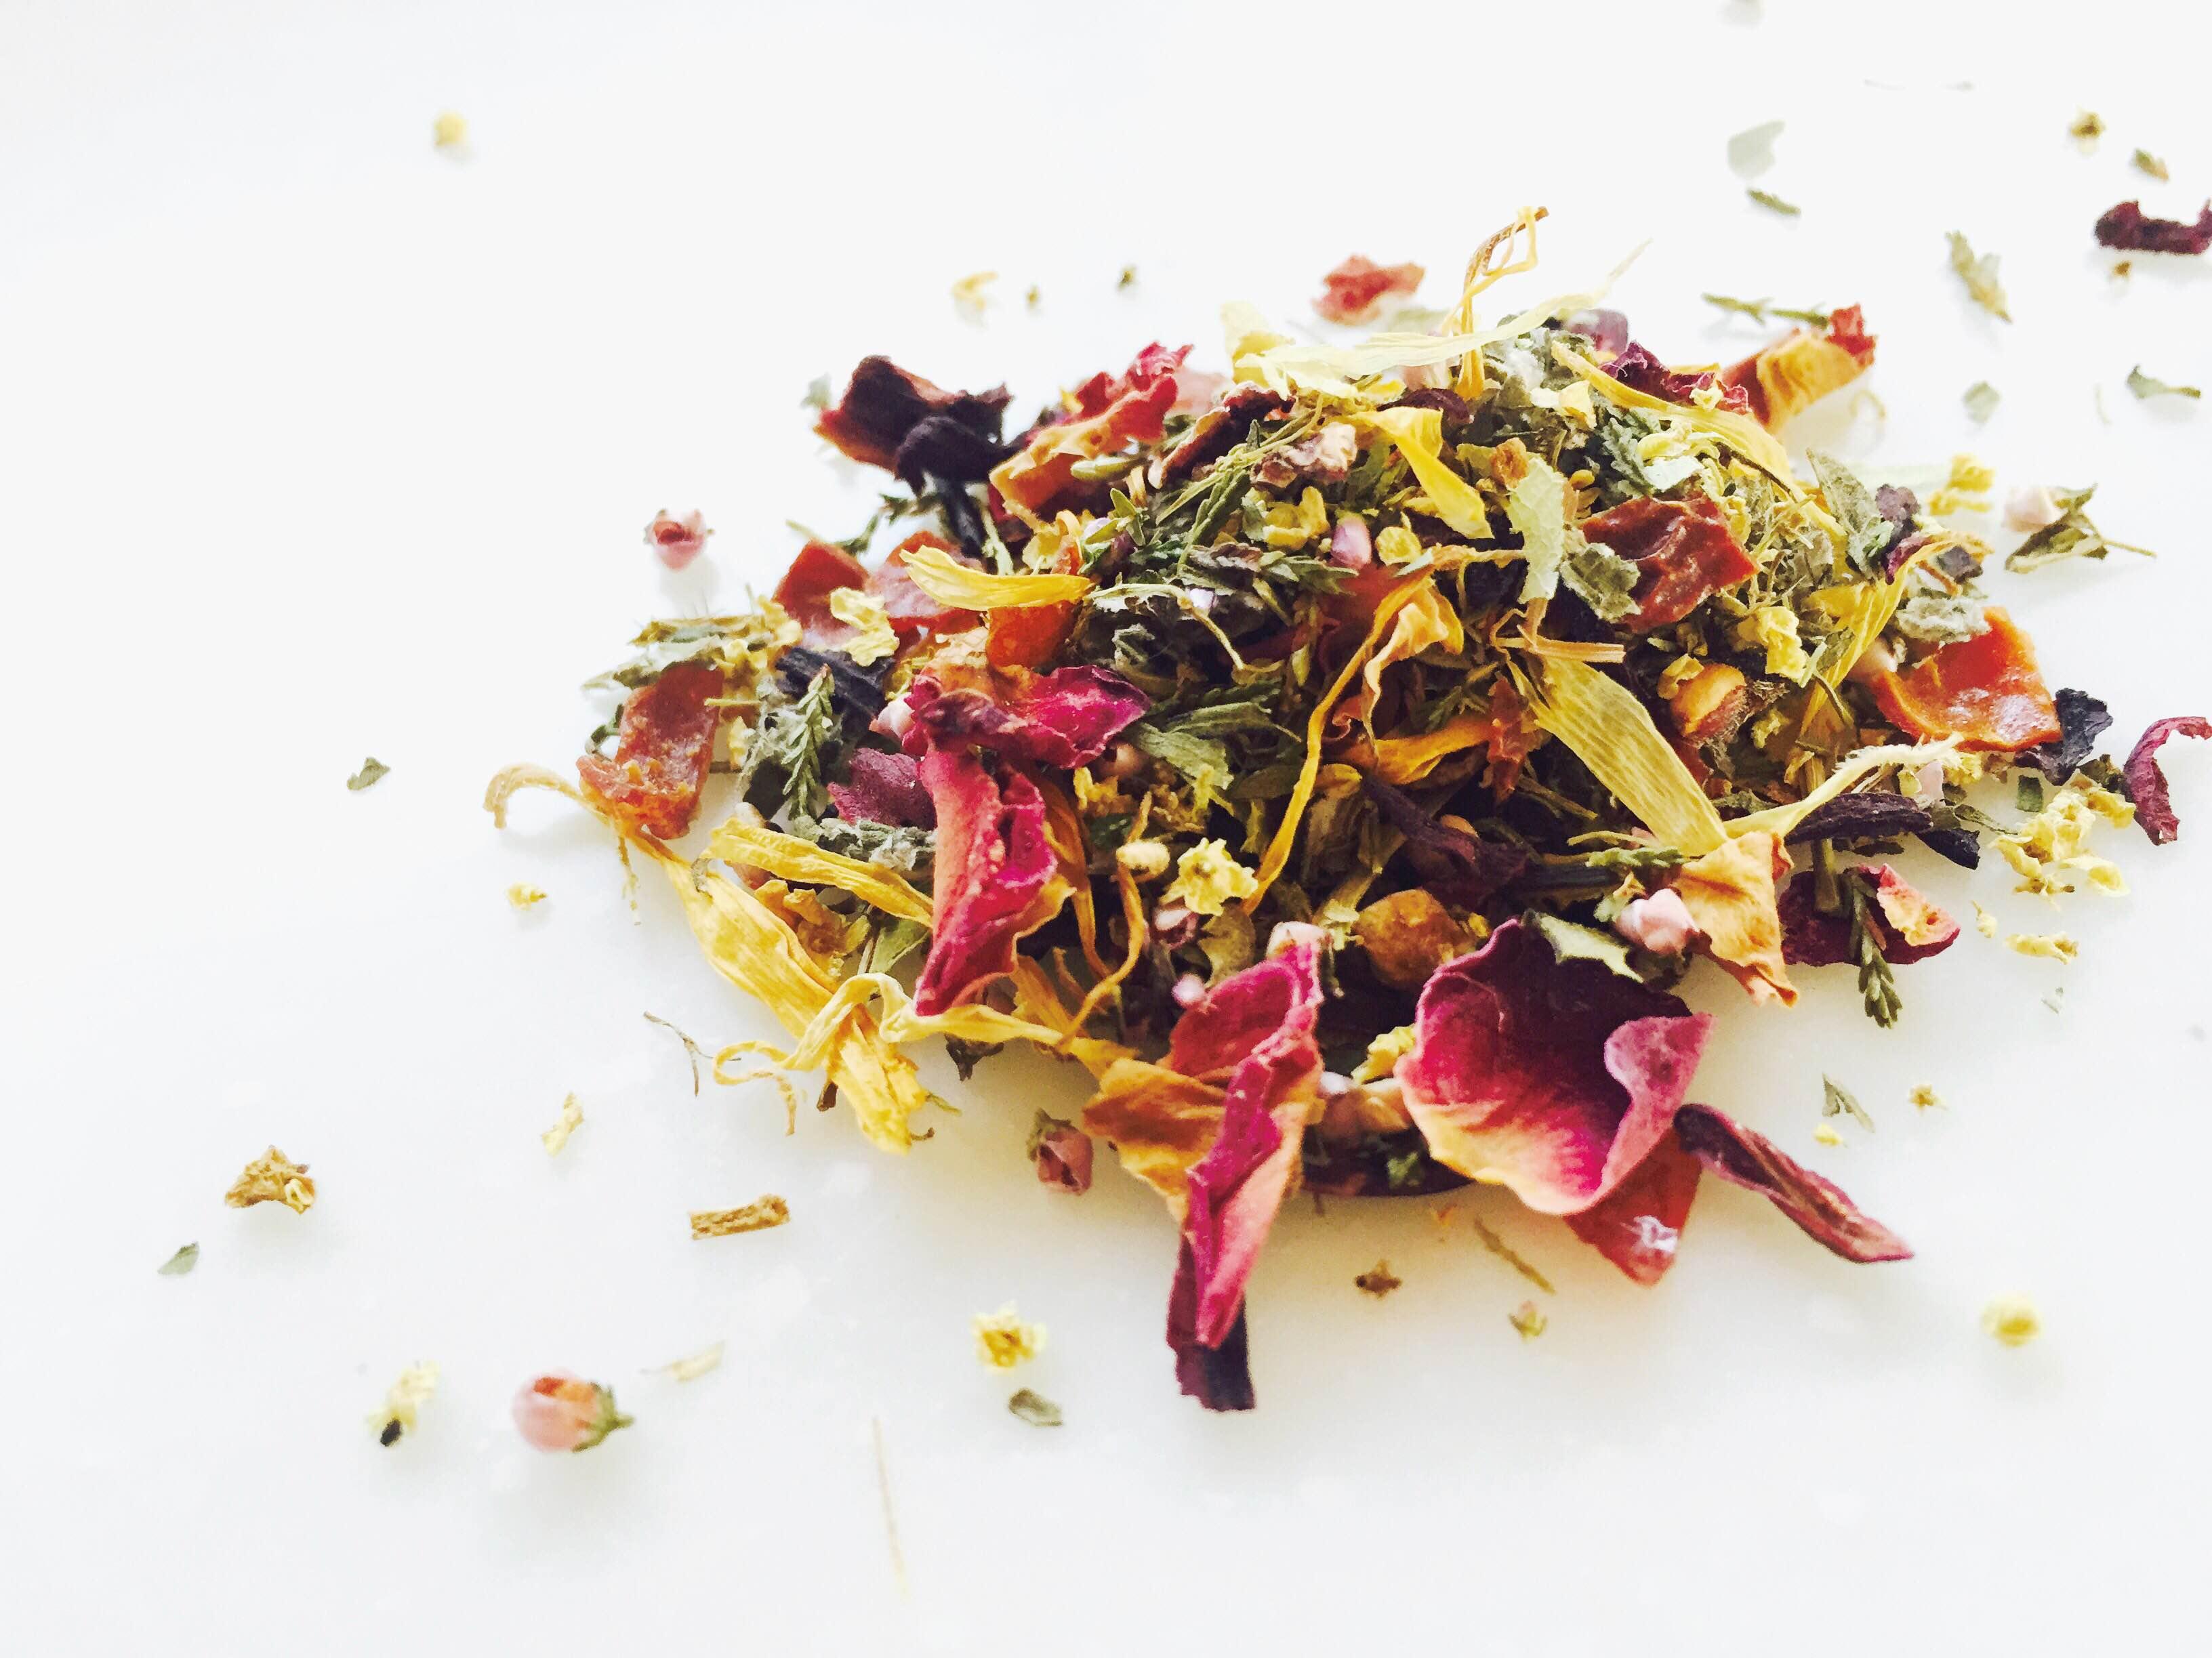 ハーブティーyado 茶葉バランス&ビューティー